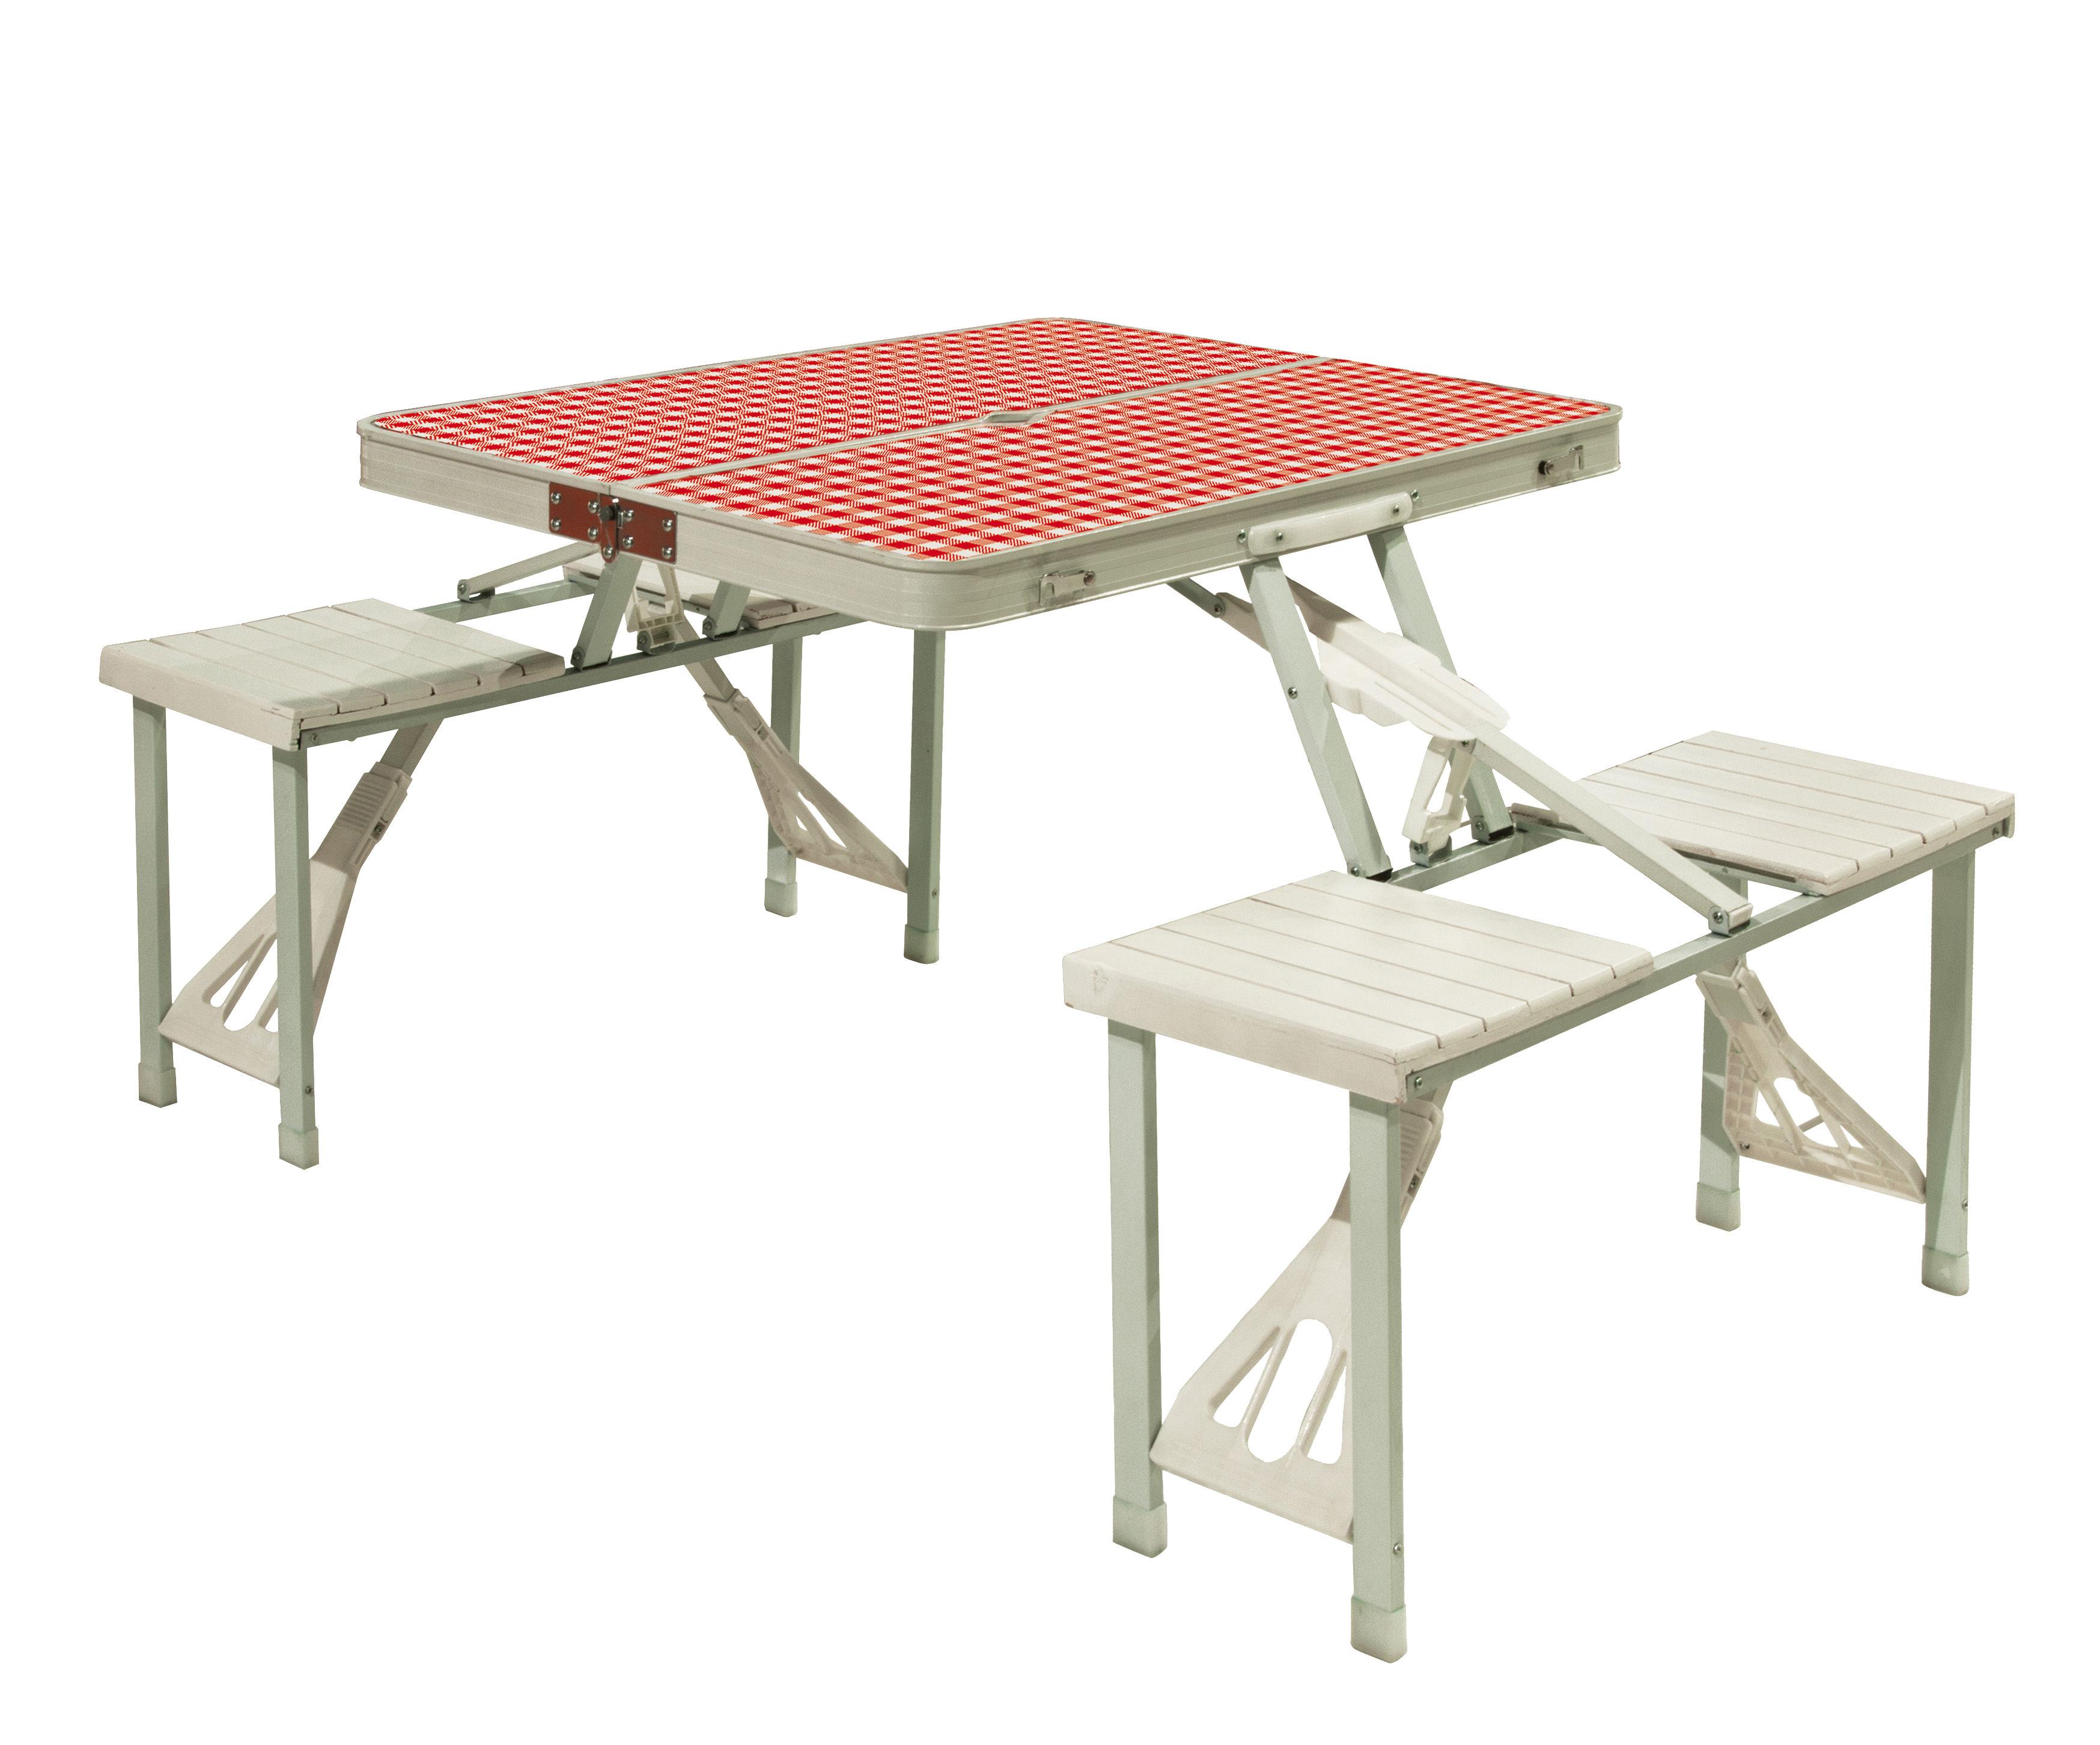 Outdoor - Tische - Festival Klapptisch / Picknick-Koffertisch mit Bänken - Seletti - Weiß & rot - Matériau plastique, Metall